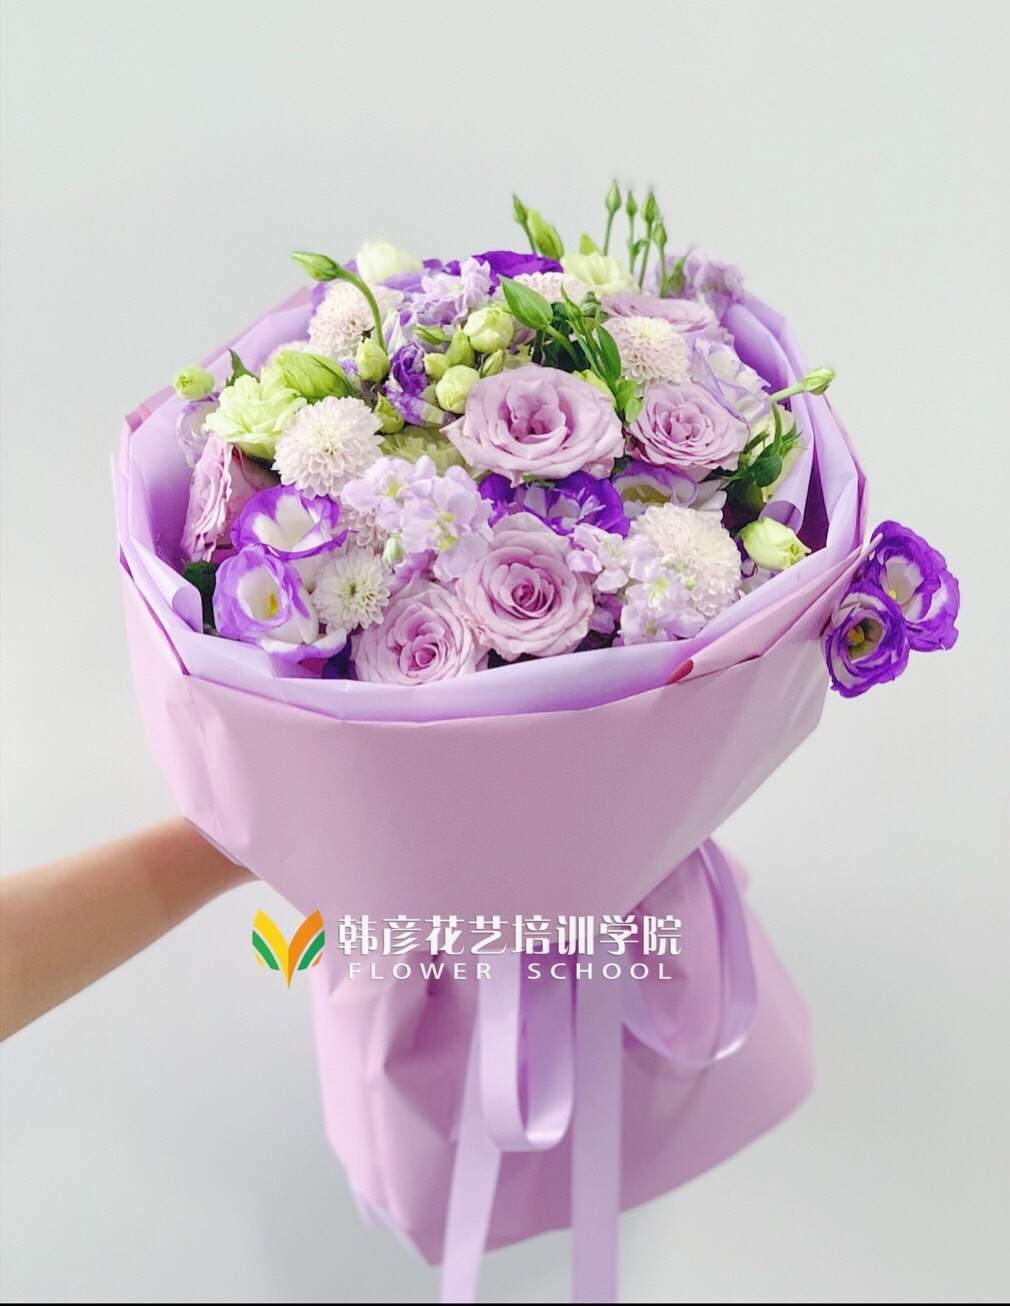 广州十大花艺培训学校排名